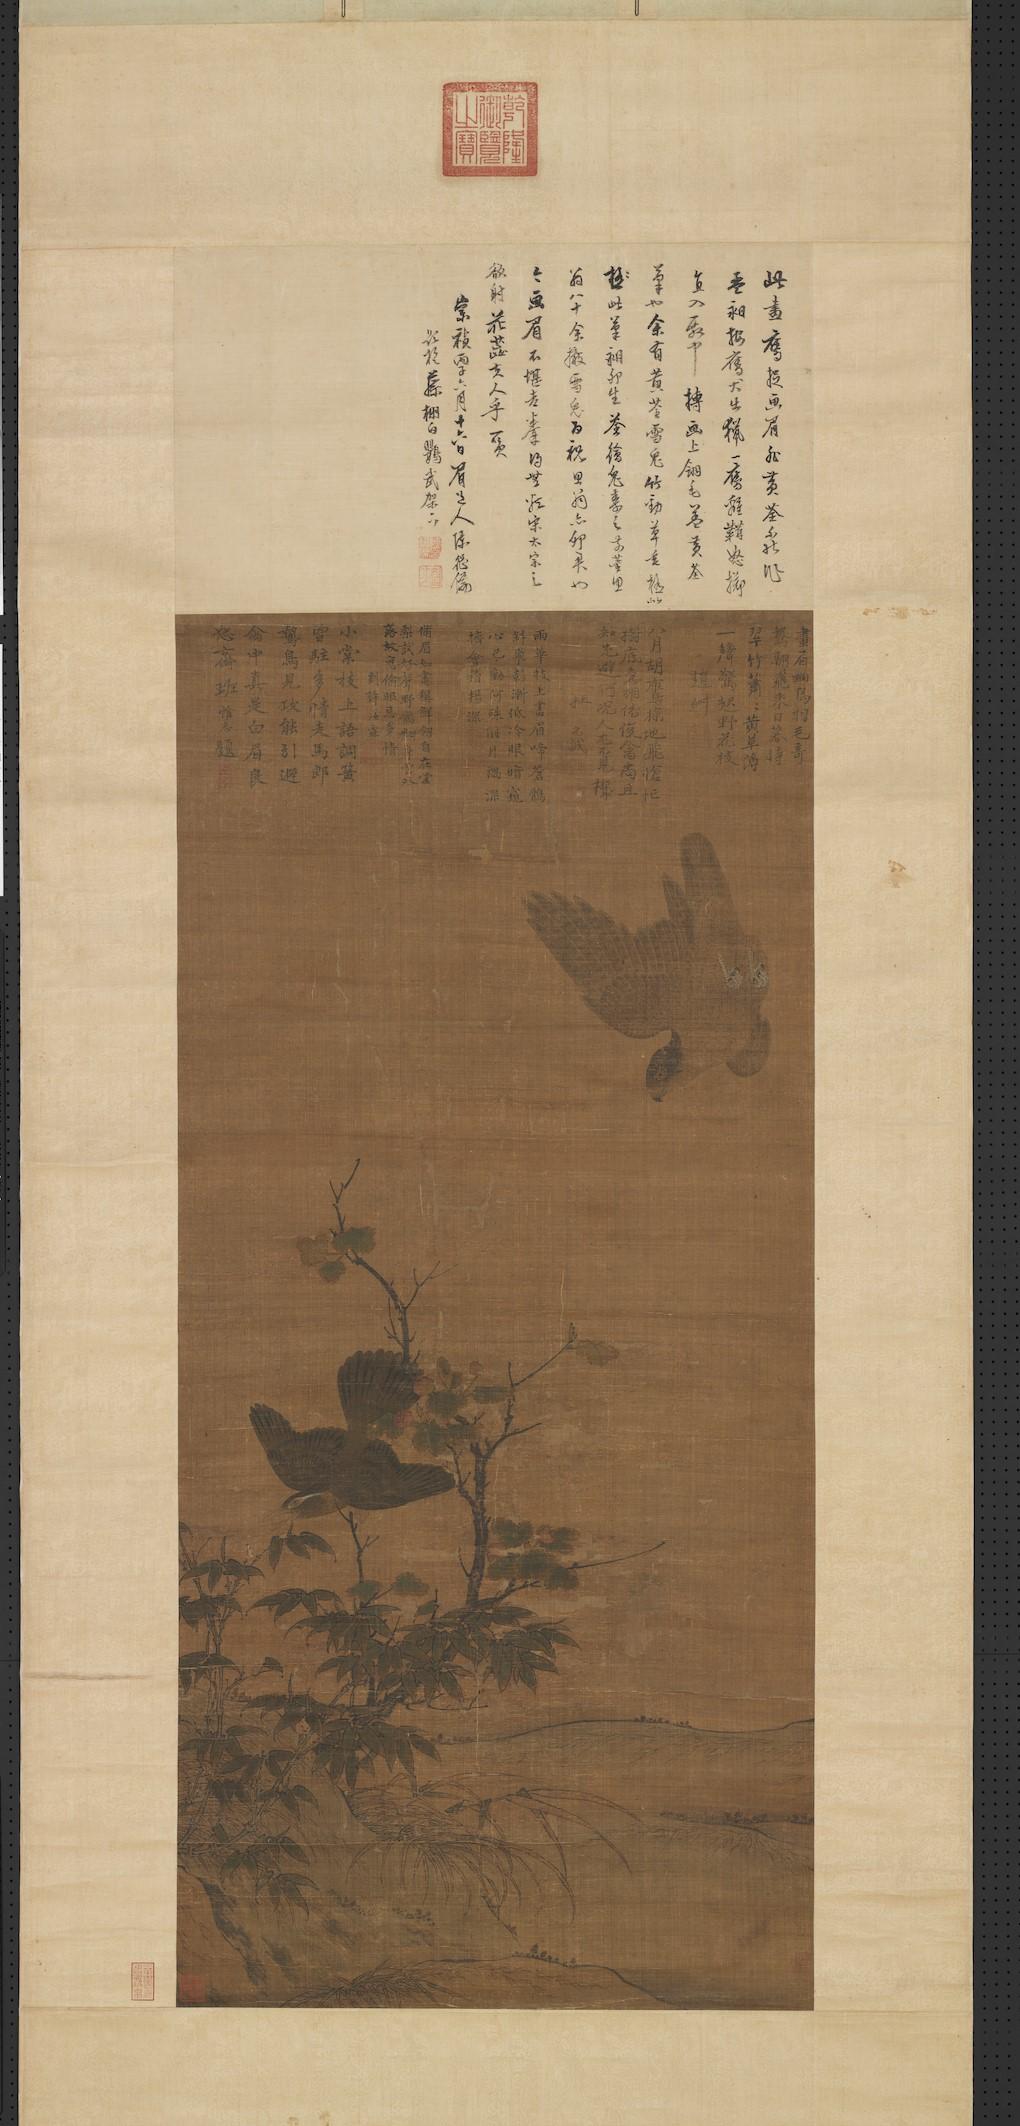 元 王渊 《鹰逐画眉图》台北故宫博物院藏